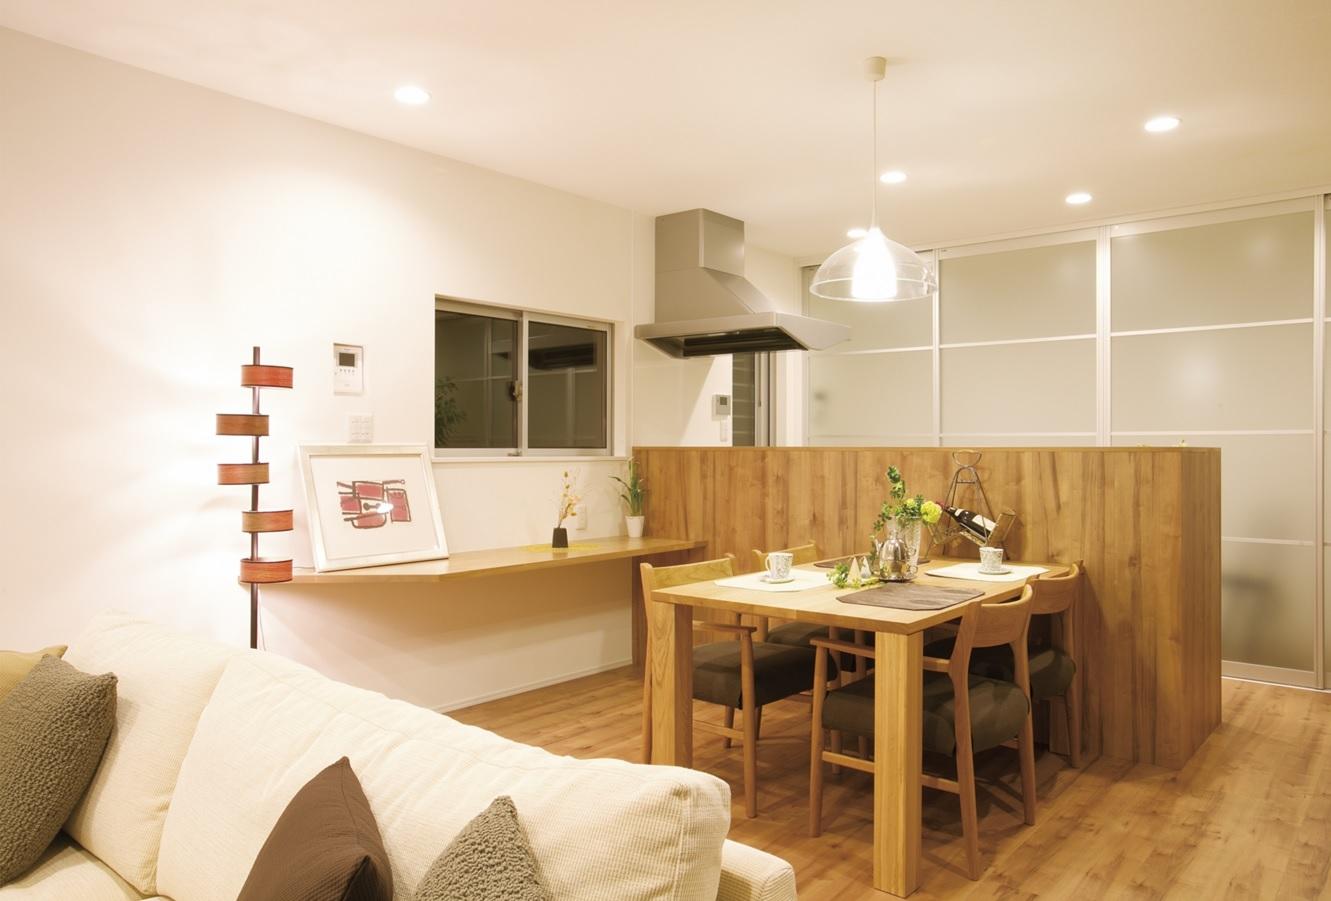 ダイニング横に便利なカウンター。キッチン背面には引き戸を設置し家具などを隠して収納